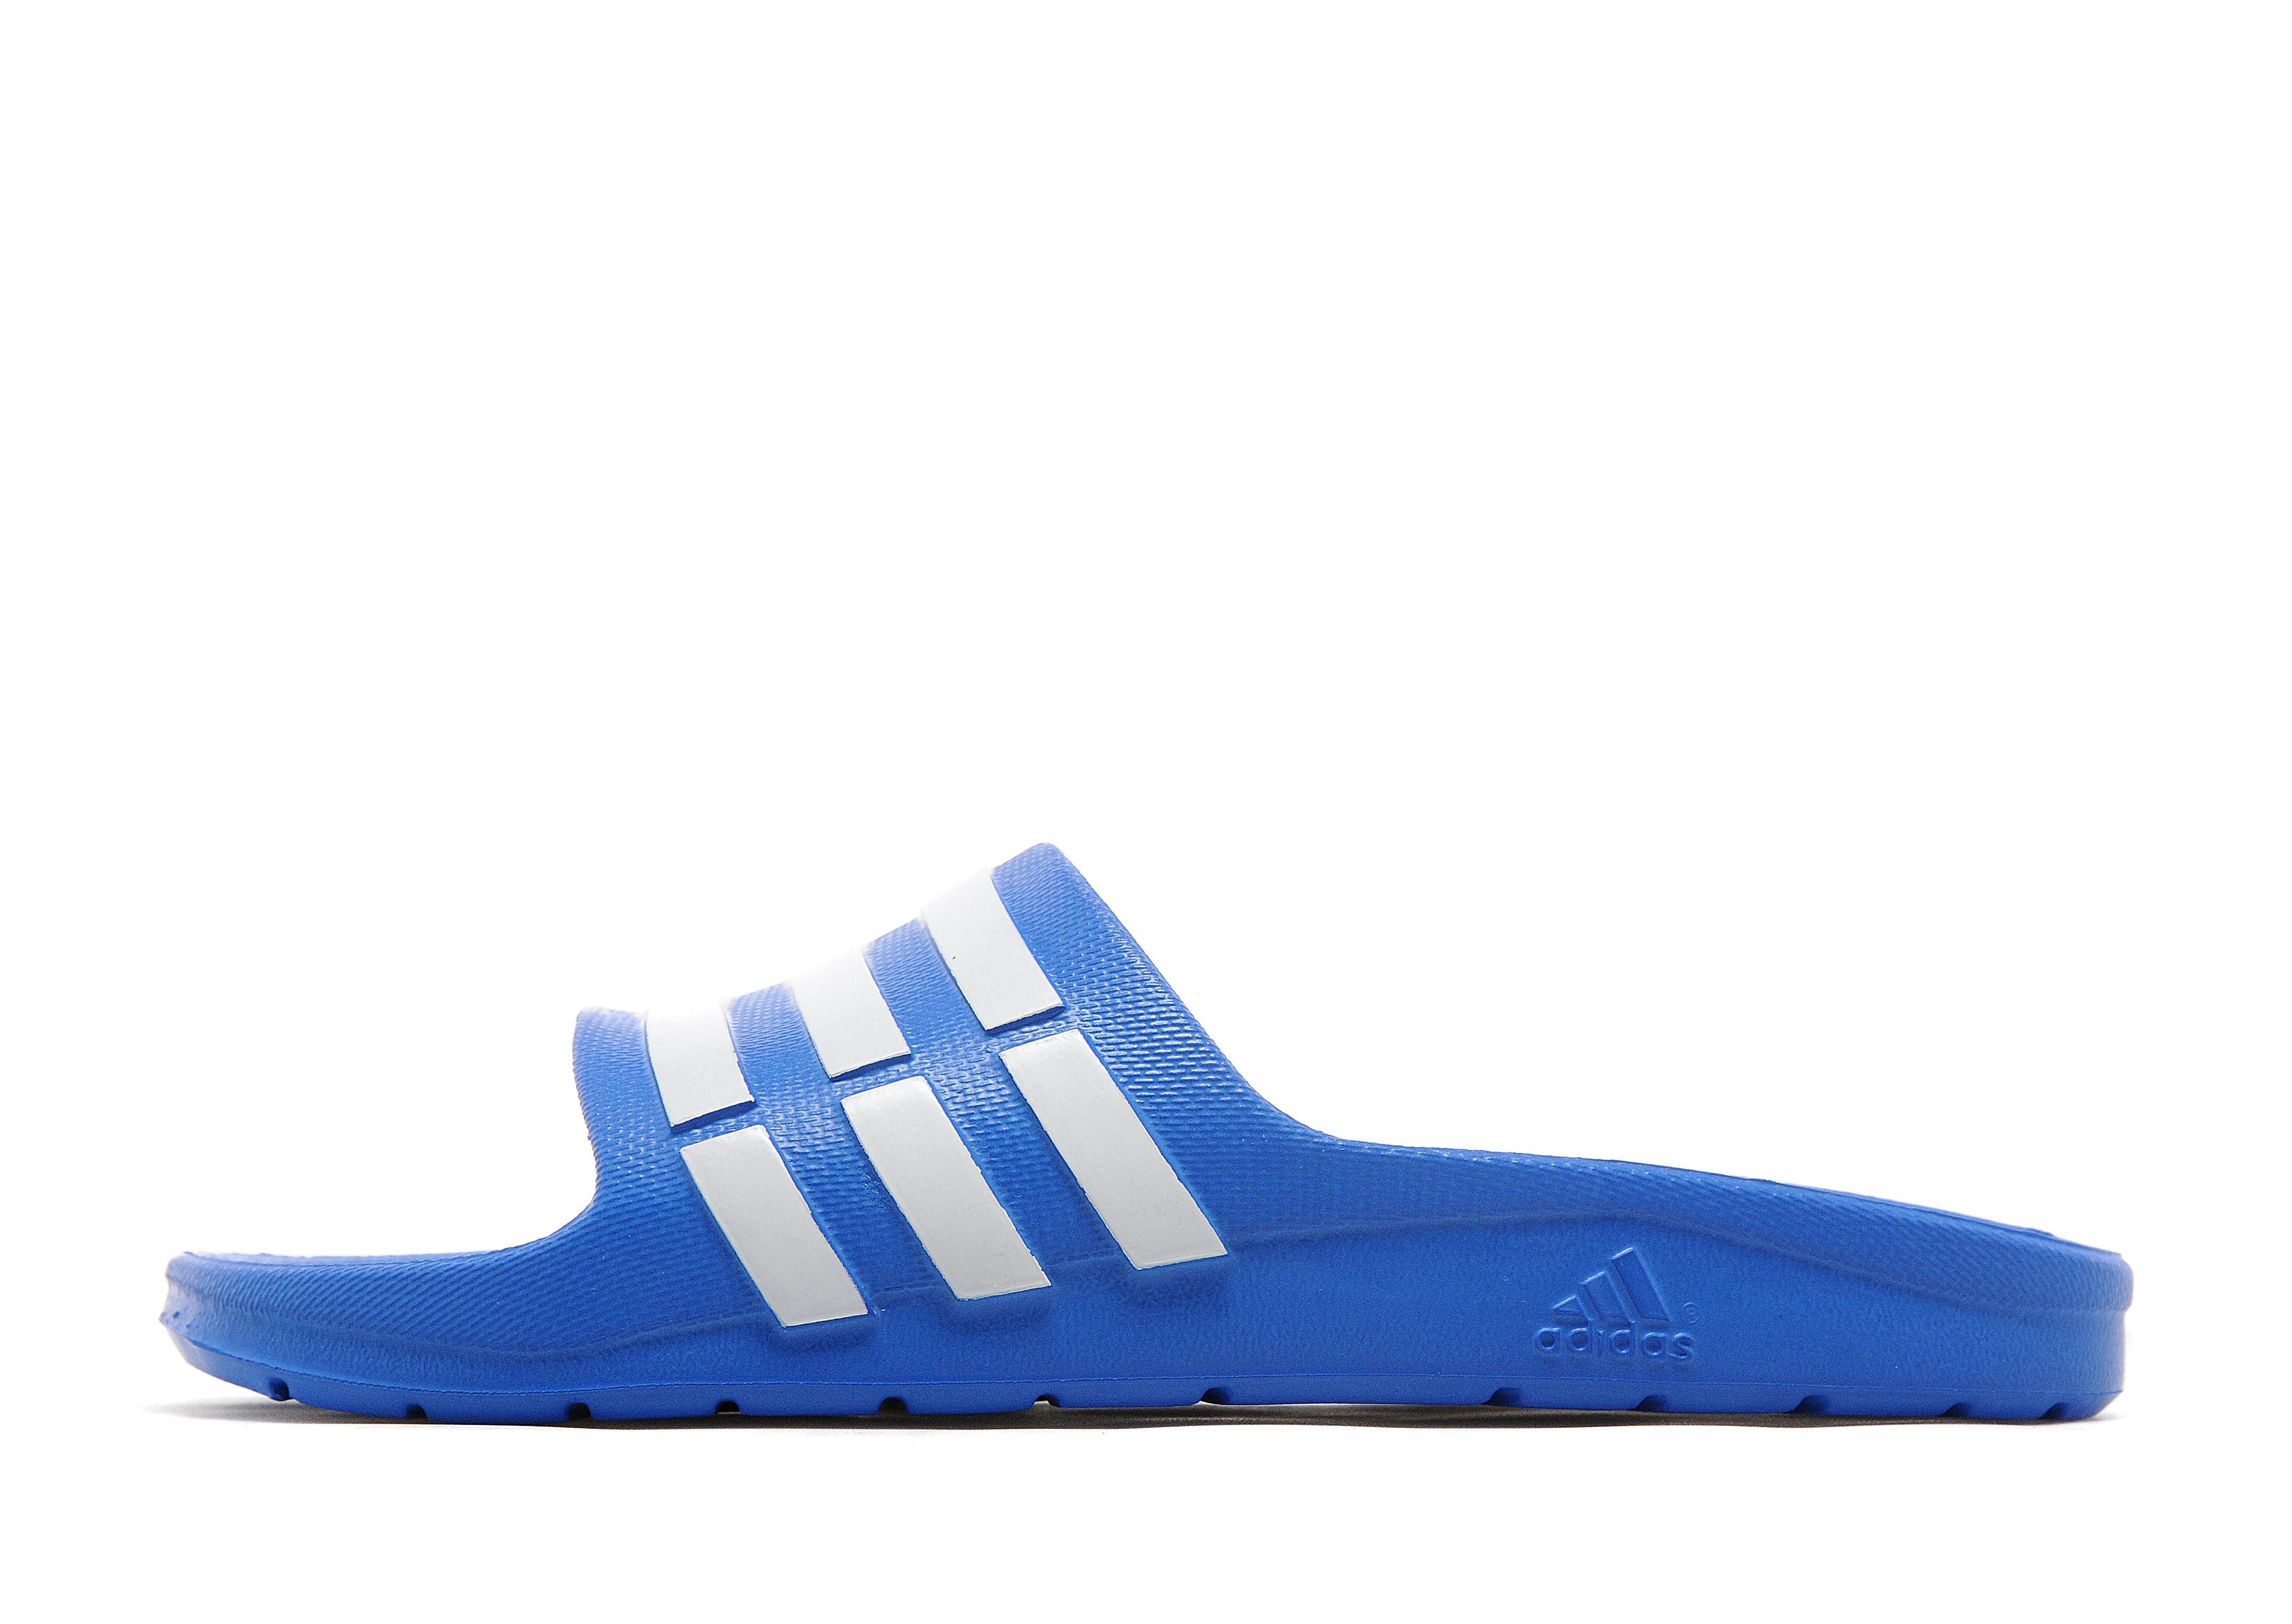 adidas Duramo-slipper voor tieners